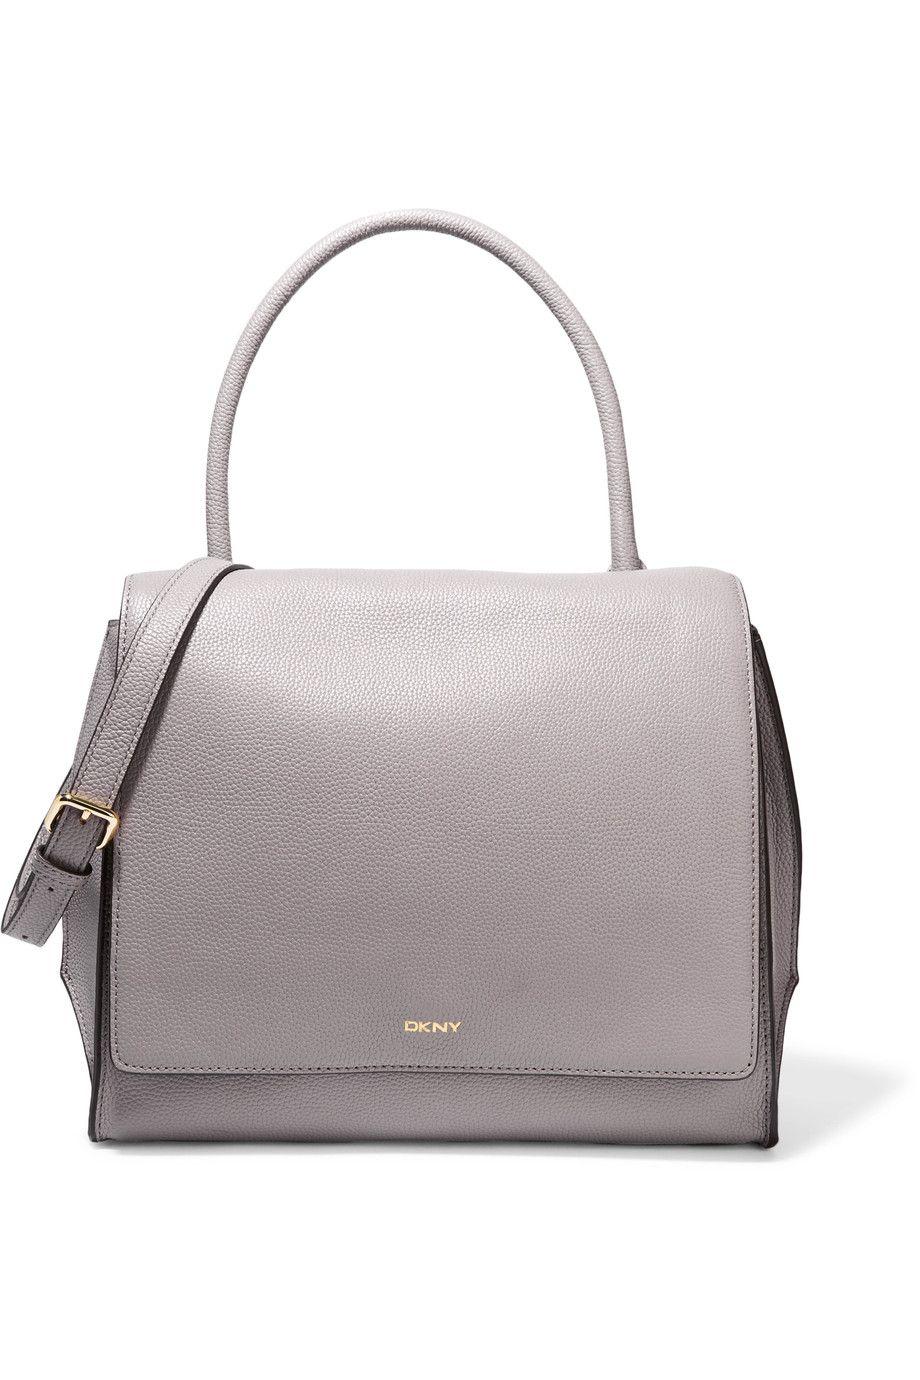 DKNY Textured-leather shoulder bag. #dkny #bags #shoulder bags ...